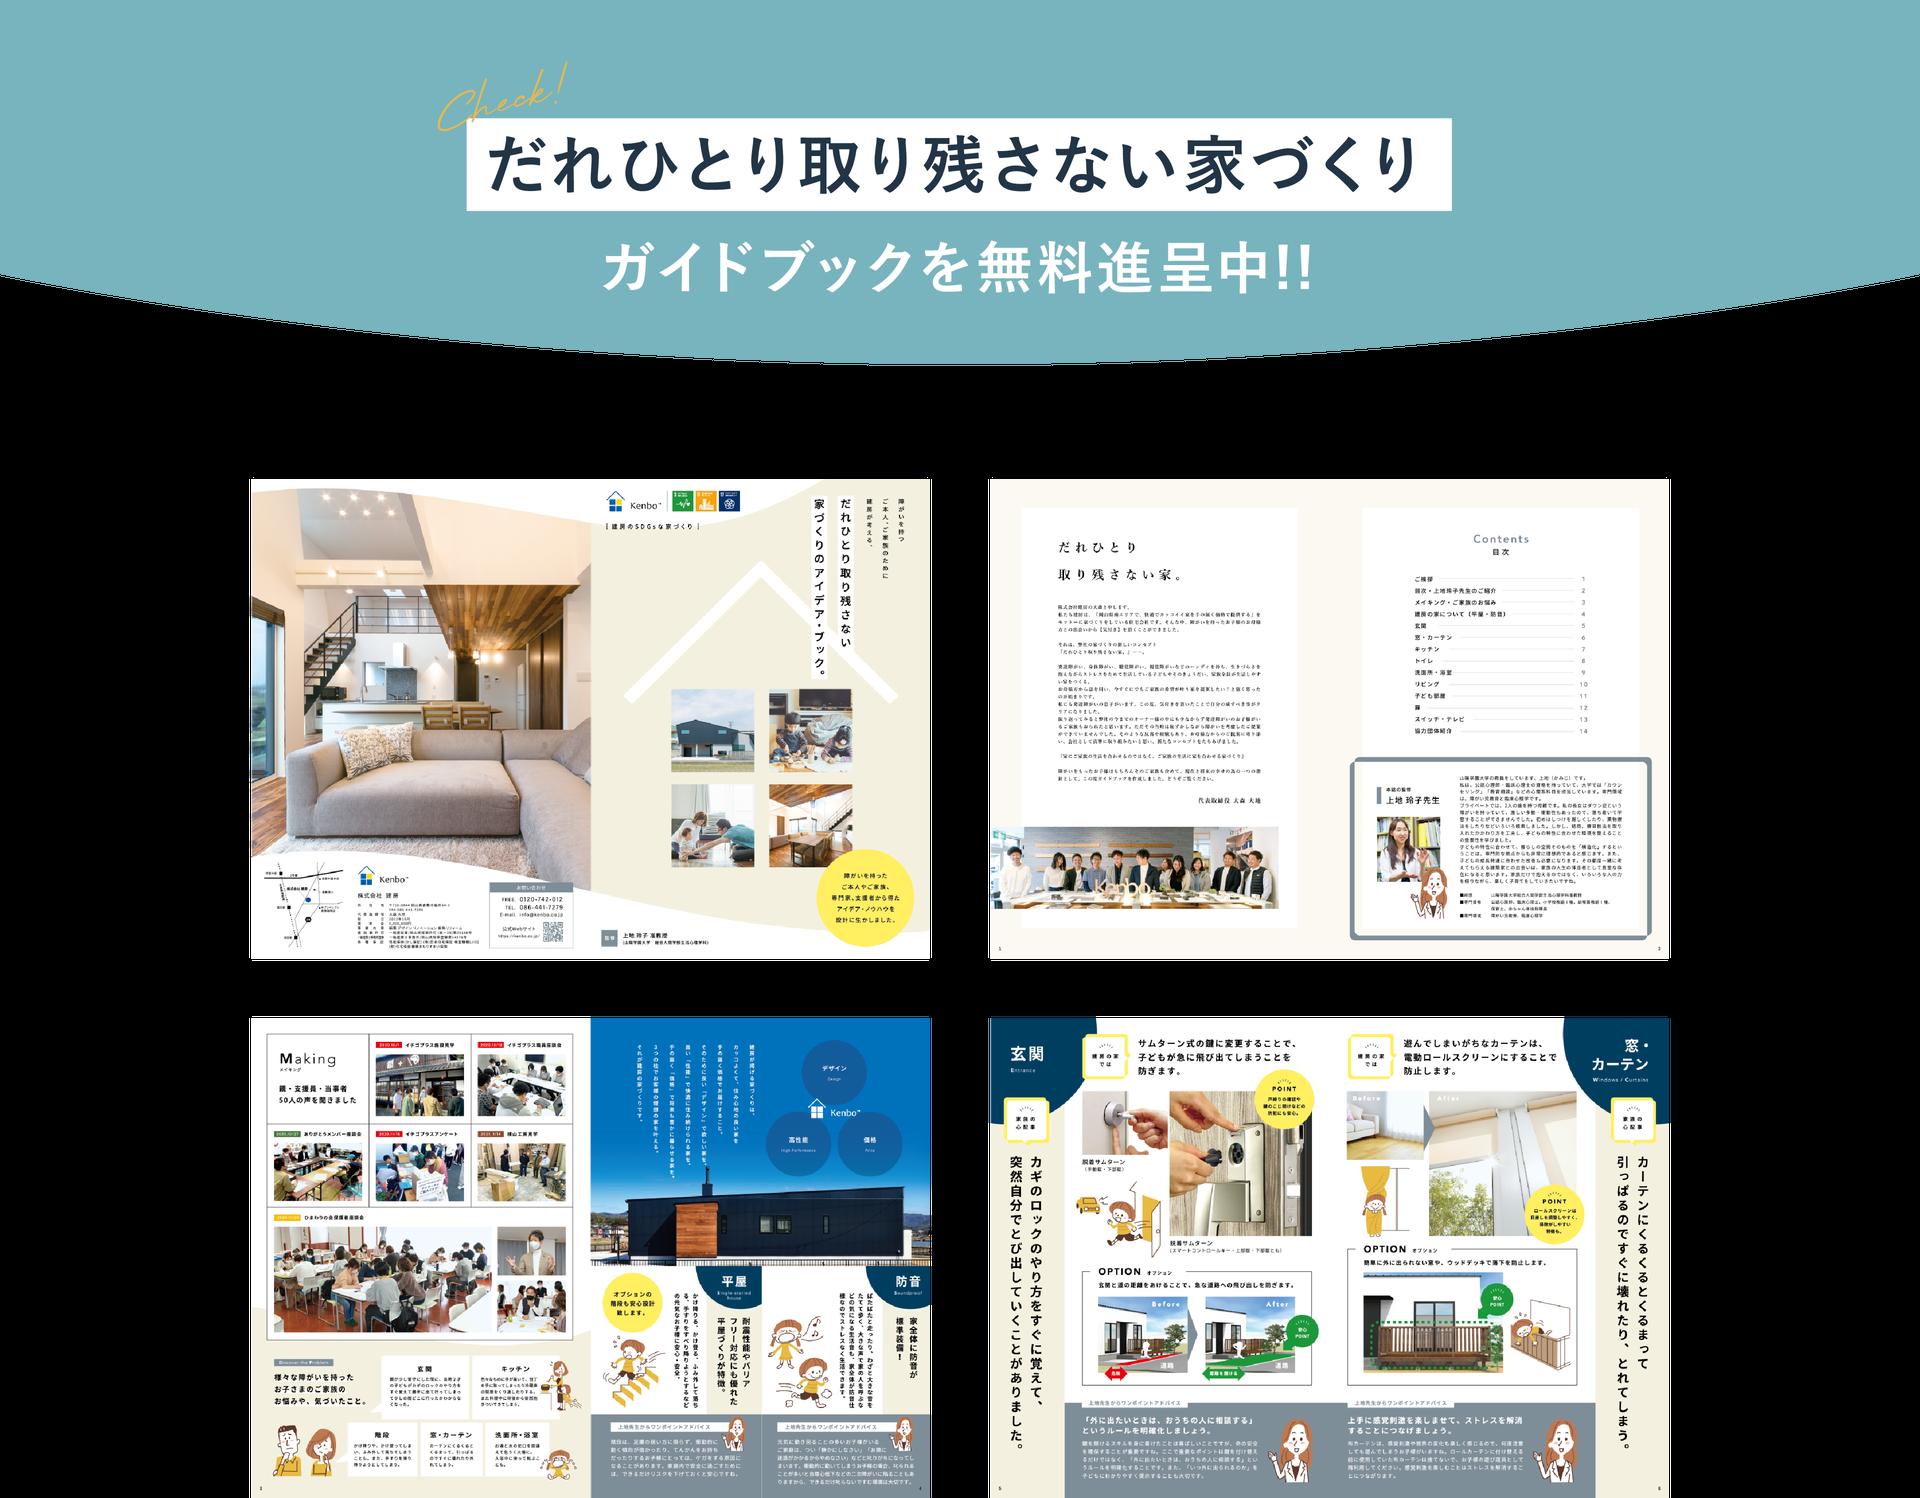 Kenboの「だれひとり取り残さない家づくり」のガイドブックを無料進呈中!!